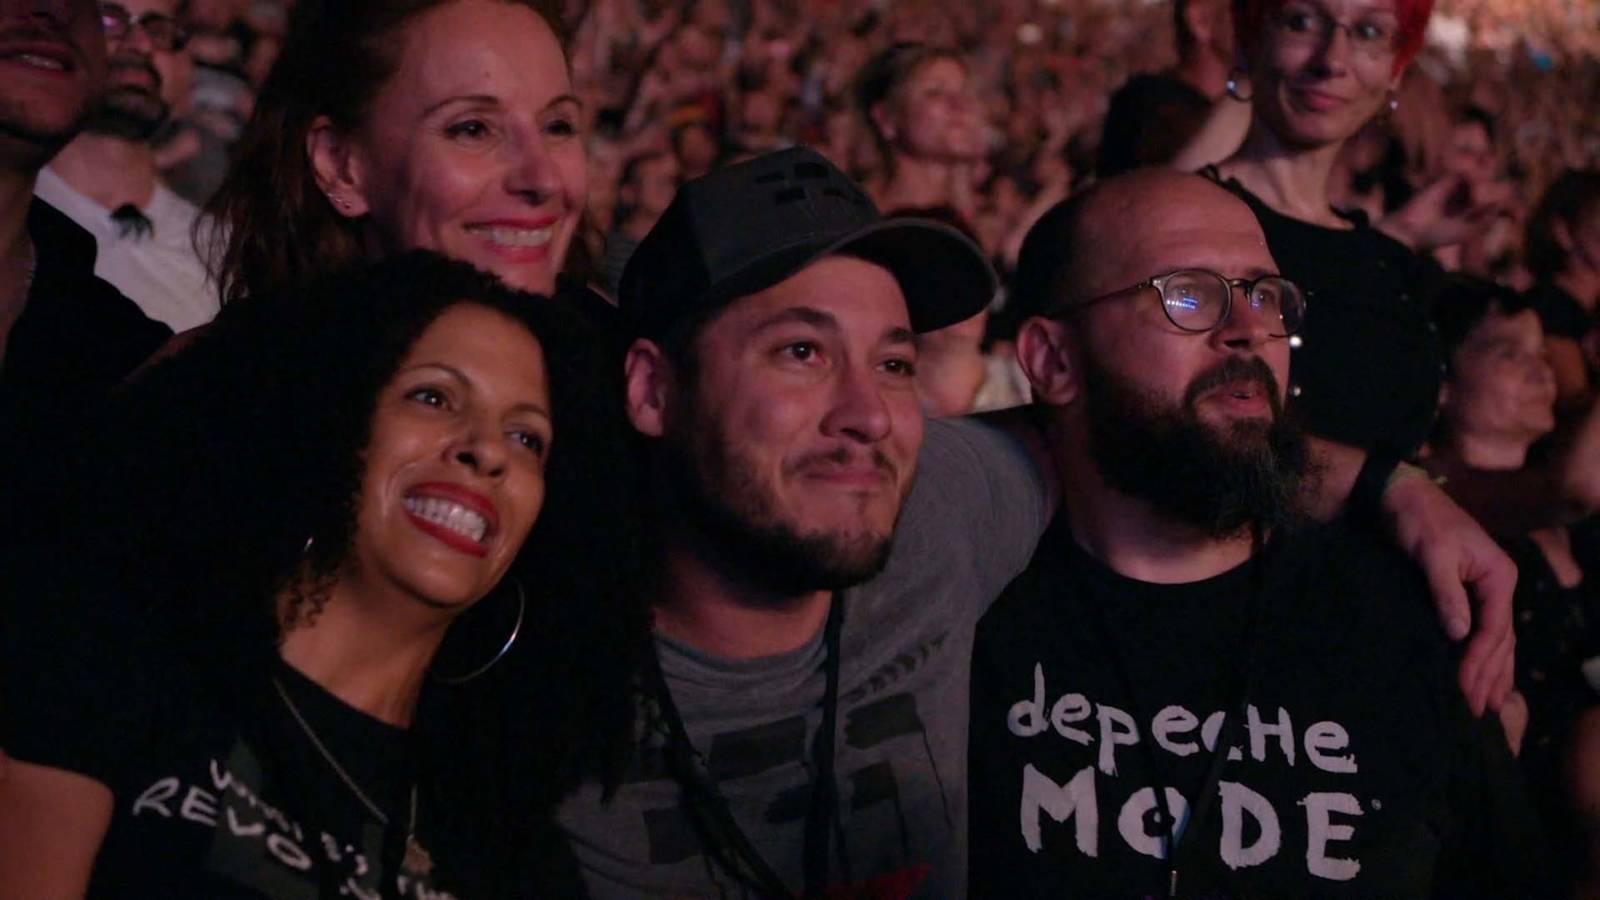 RECENZE: Náboženství jménem Depeche Mode ve filmu, který fanoušky dojme k slzám